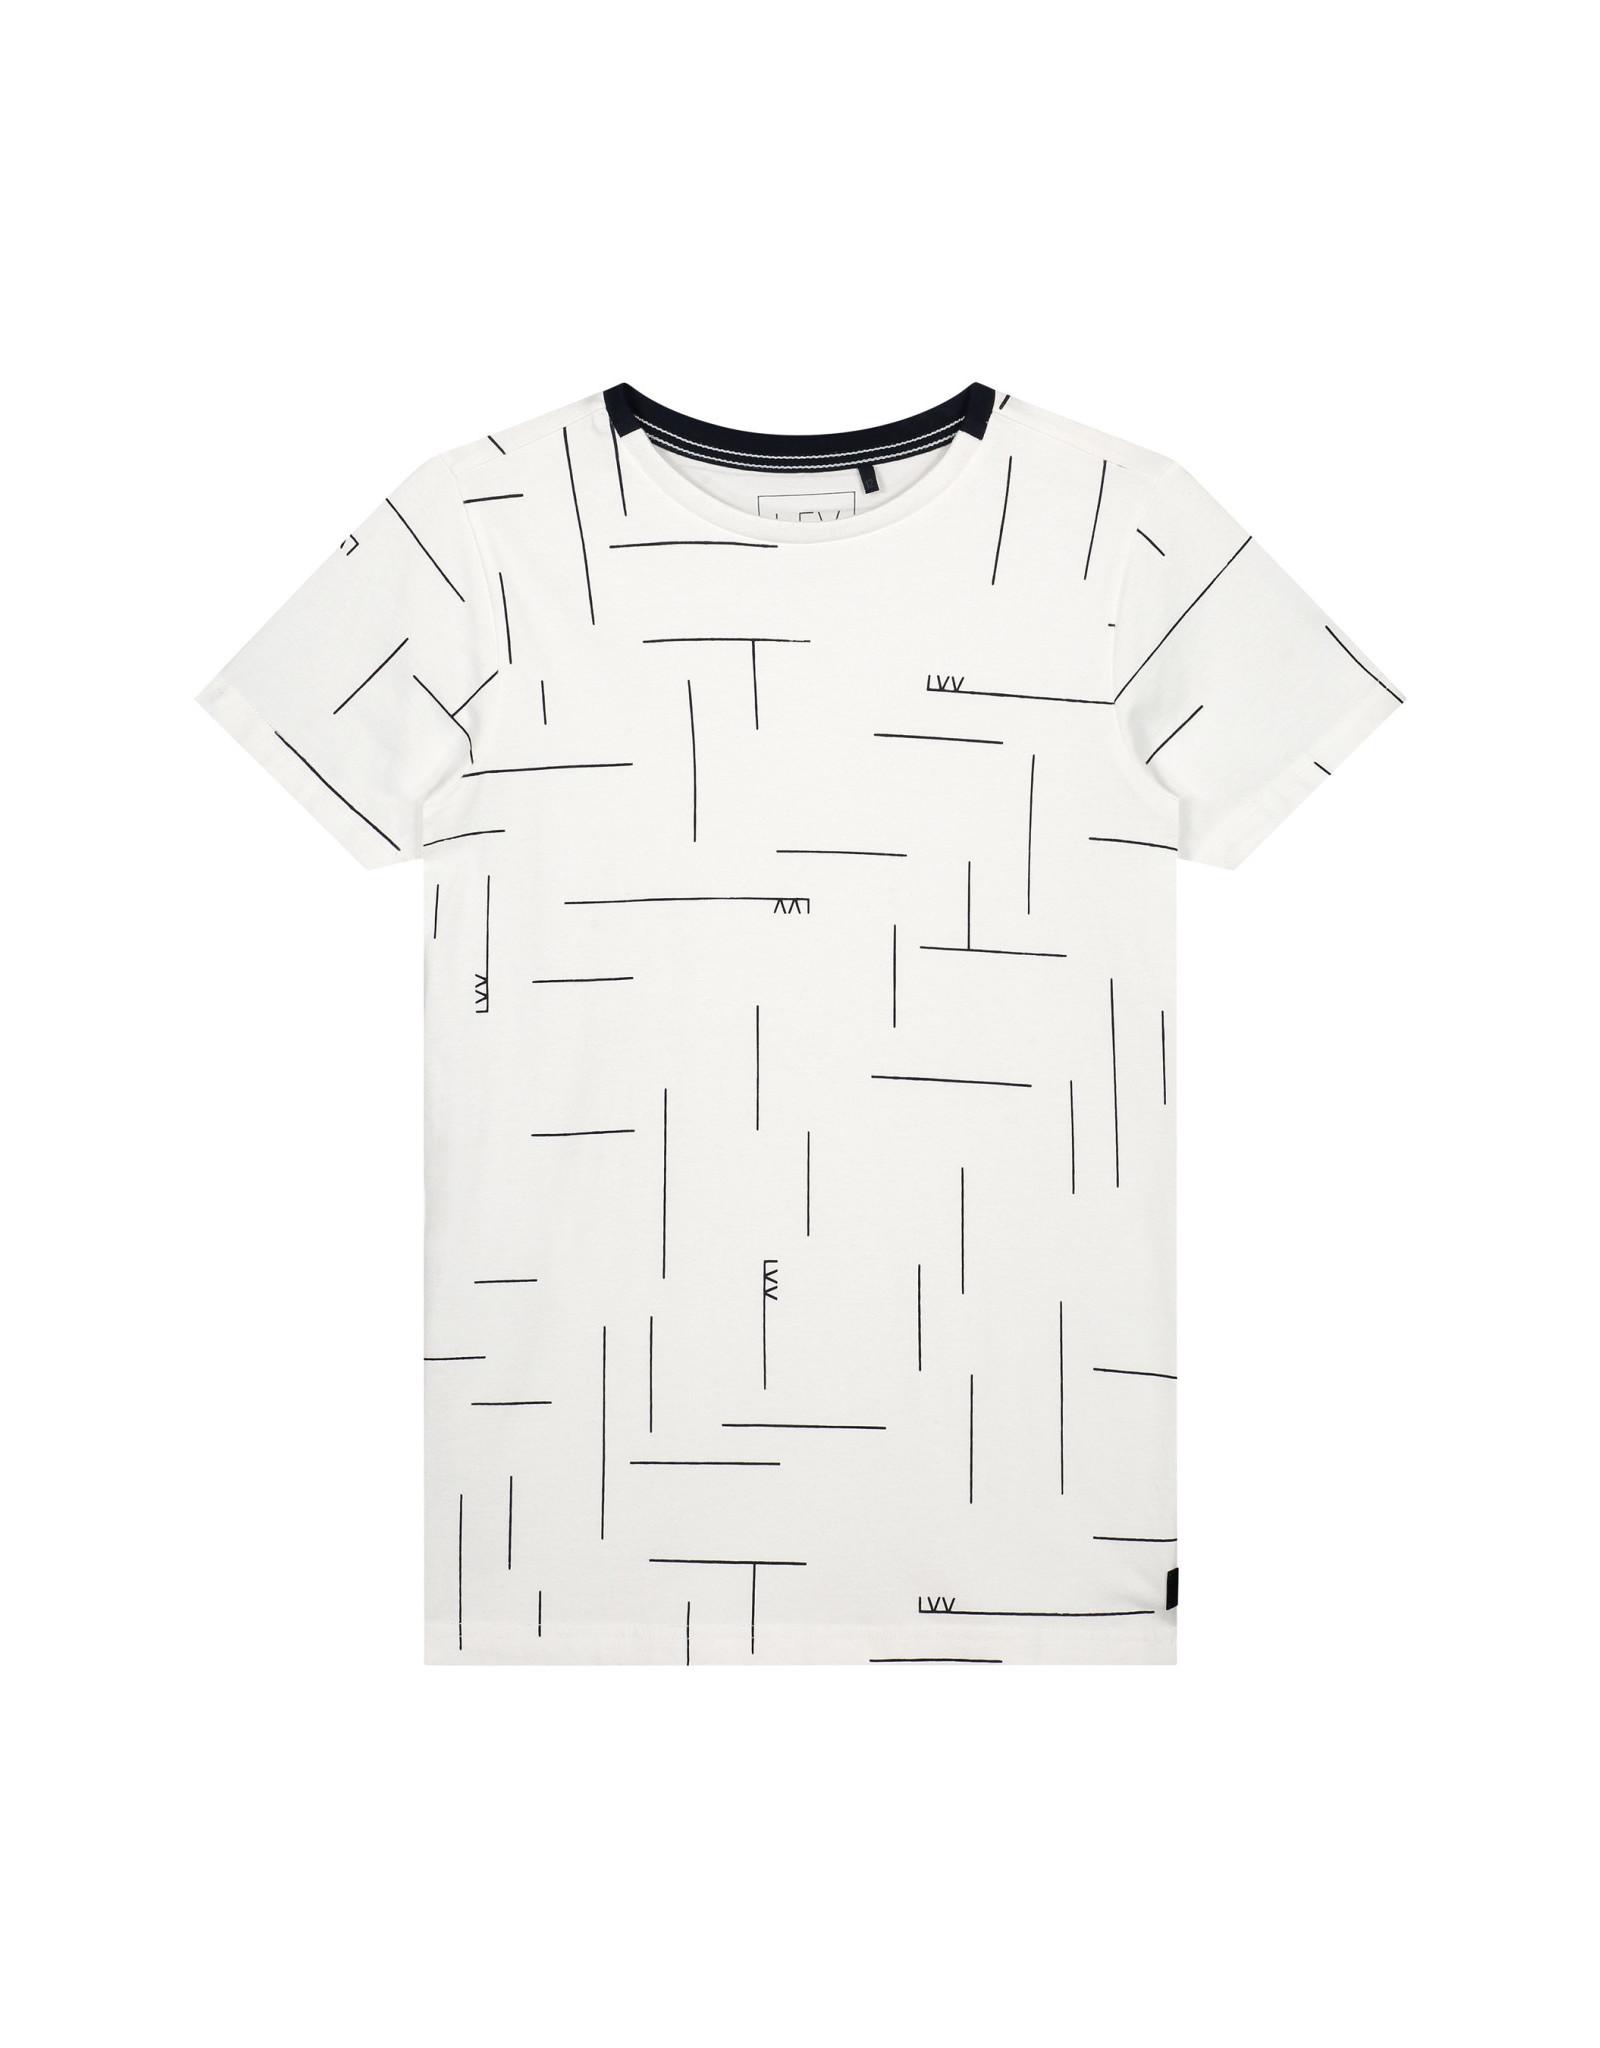 LEVV Levv jongens t-shirt Feas White Text